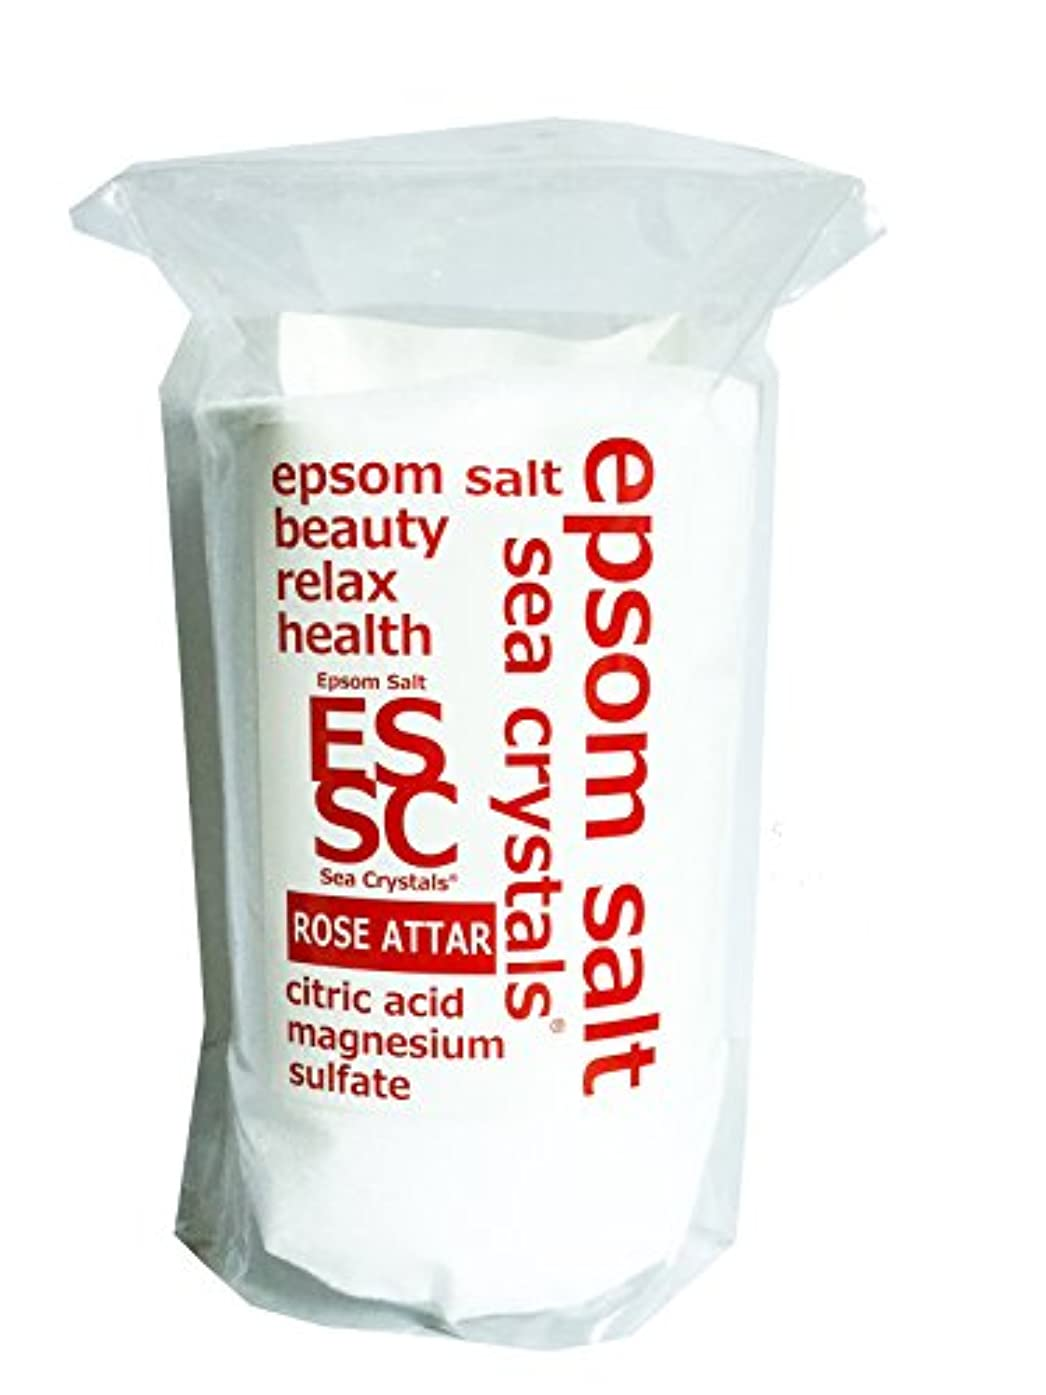 物足りないインフラとして【Amazon.co.jp 限定】エプソムソルト 2.2kg ローズオットーの香り 入浴剤 (浴用化粧品)クエン酸配合 計量スプーン付